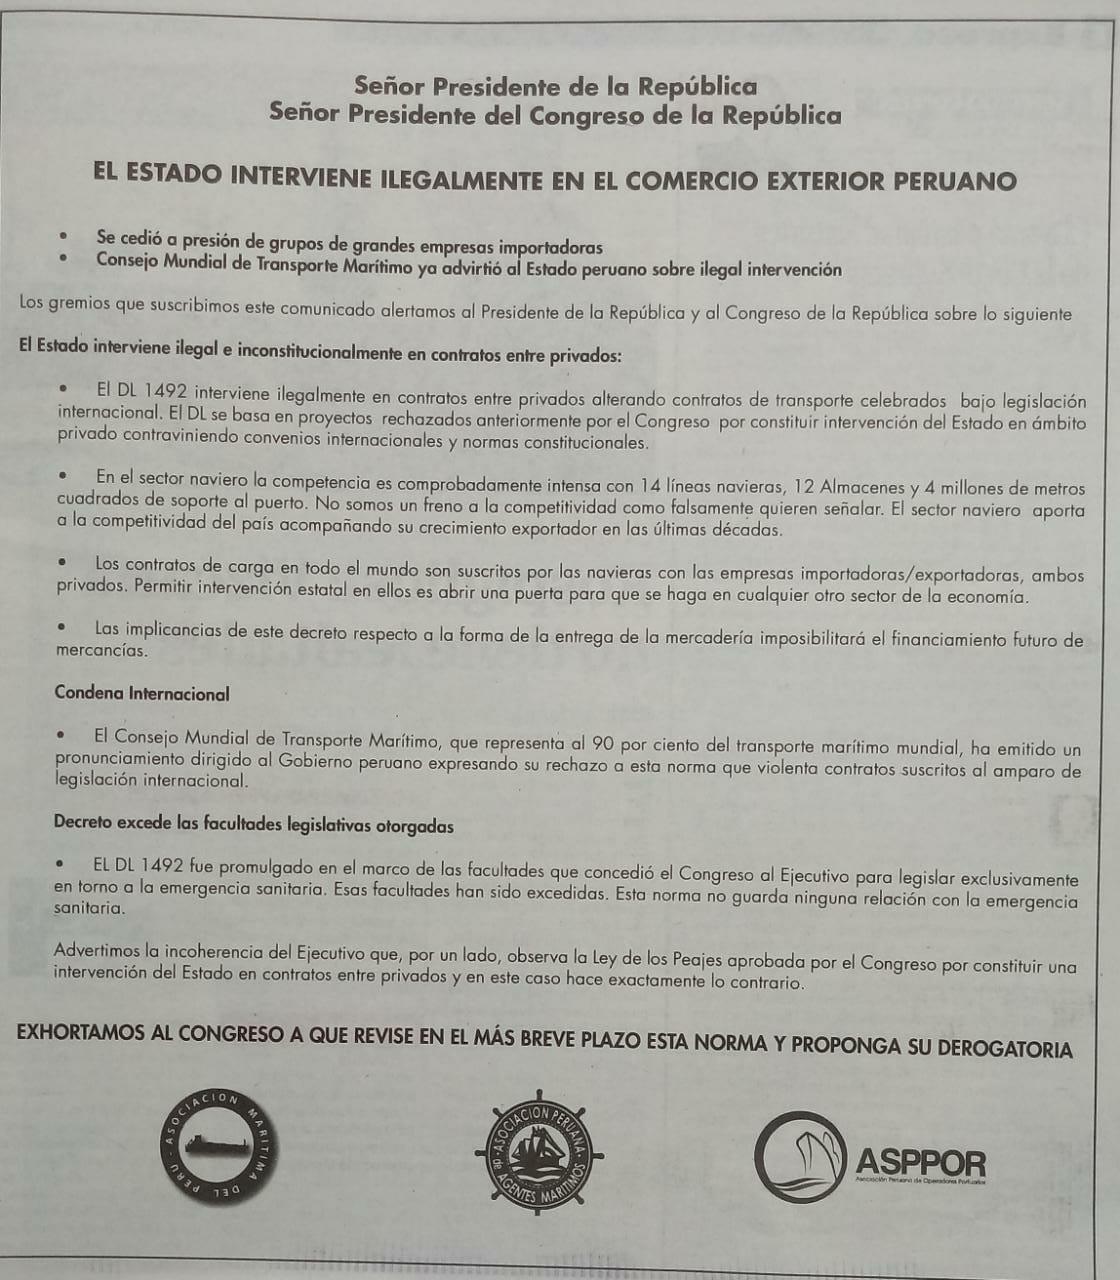 EL ESTADO INTERVIENE ILEGALMENTEEN EL COMERCIO EXTERIOR PERUANO